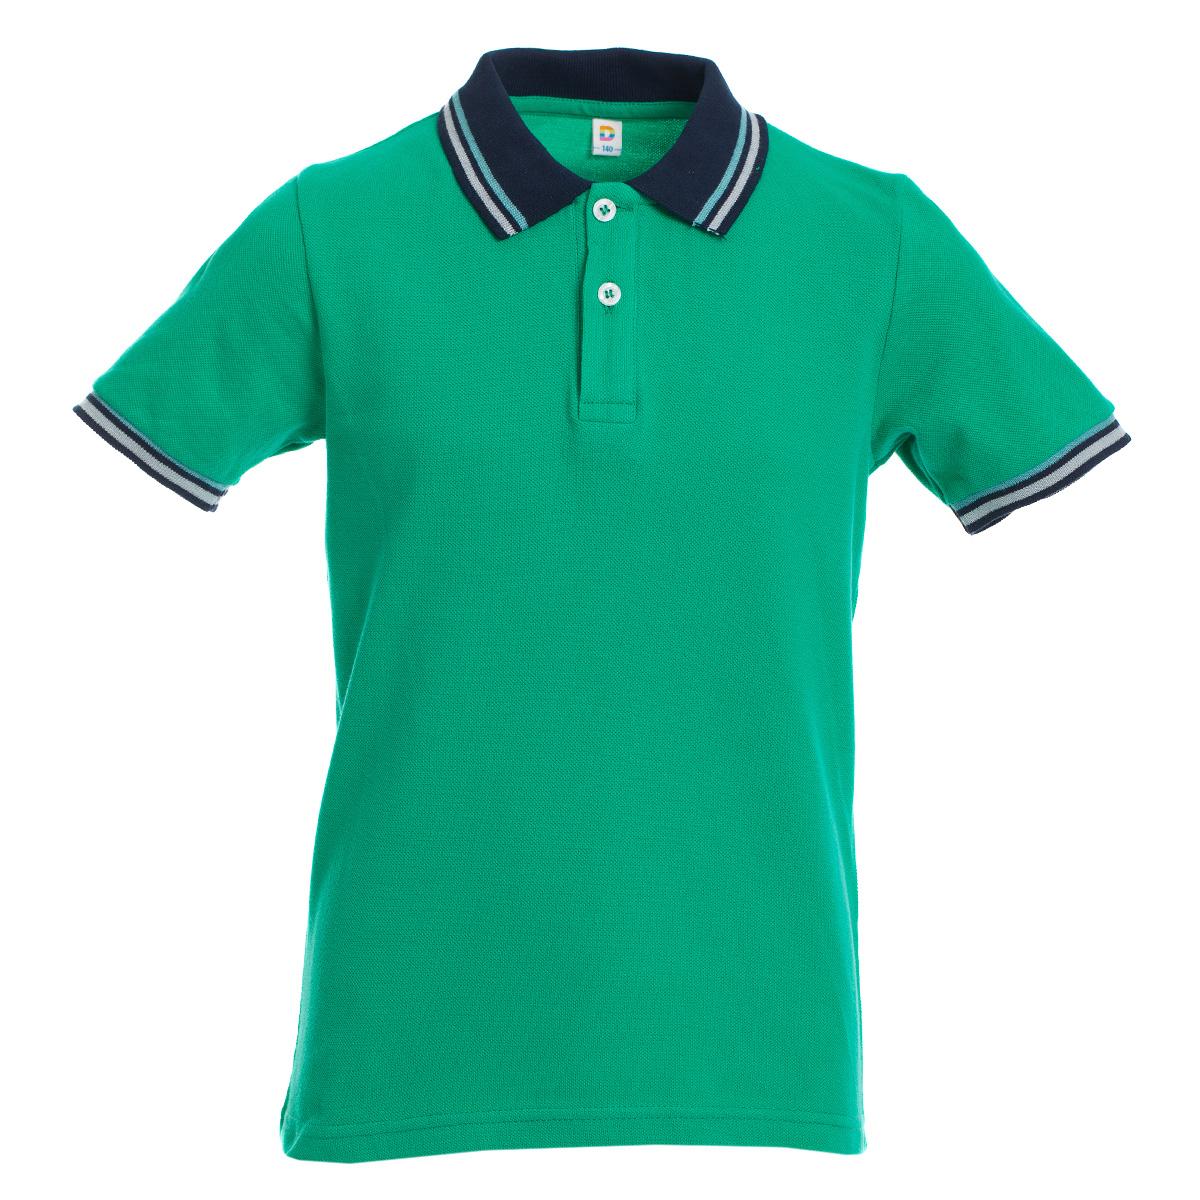 Рубашка поло DRESSPARK, MP-B030304